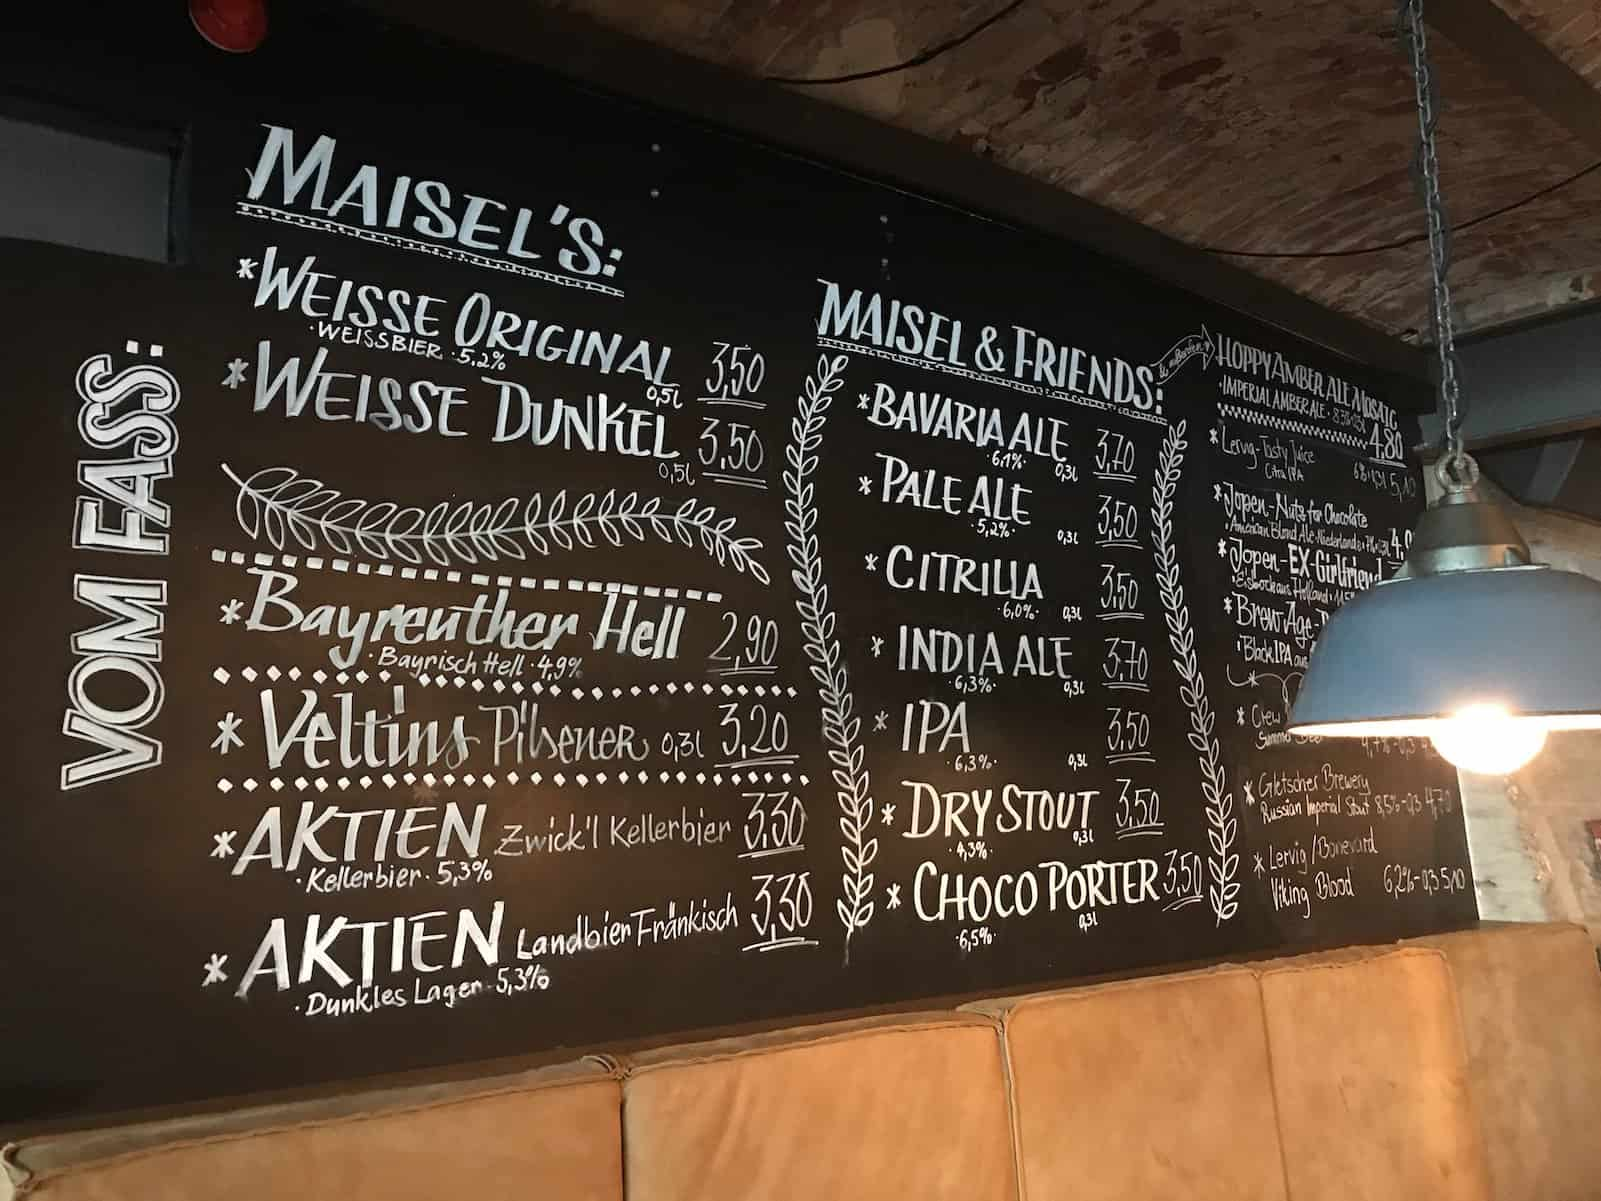 Tafel mit Bieren vom Fass im Liebesbier Bayreuth